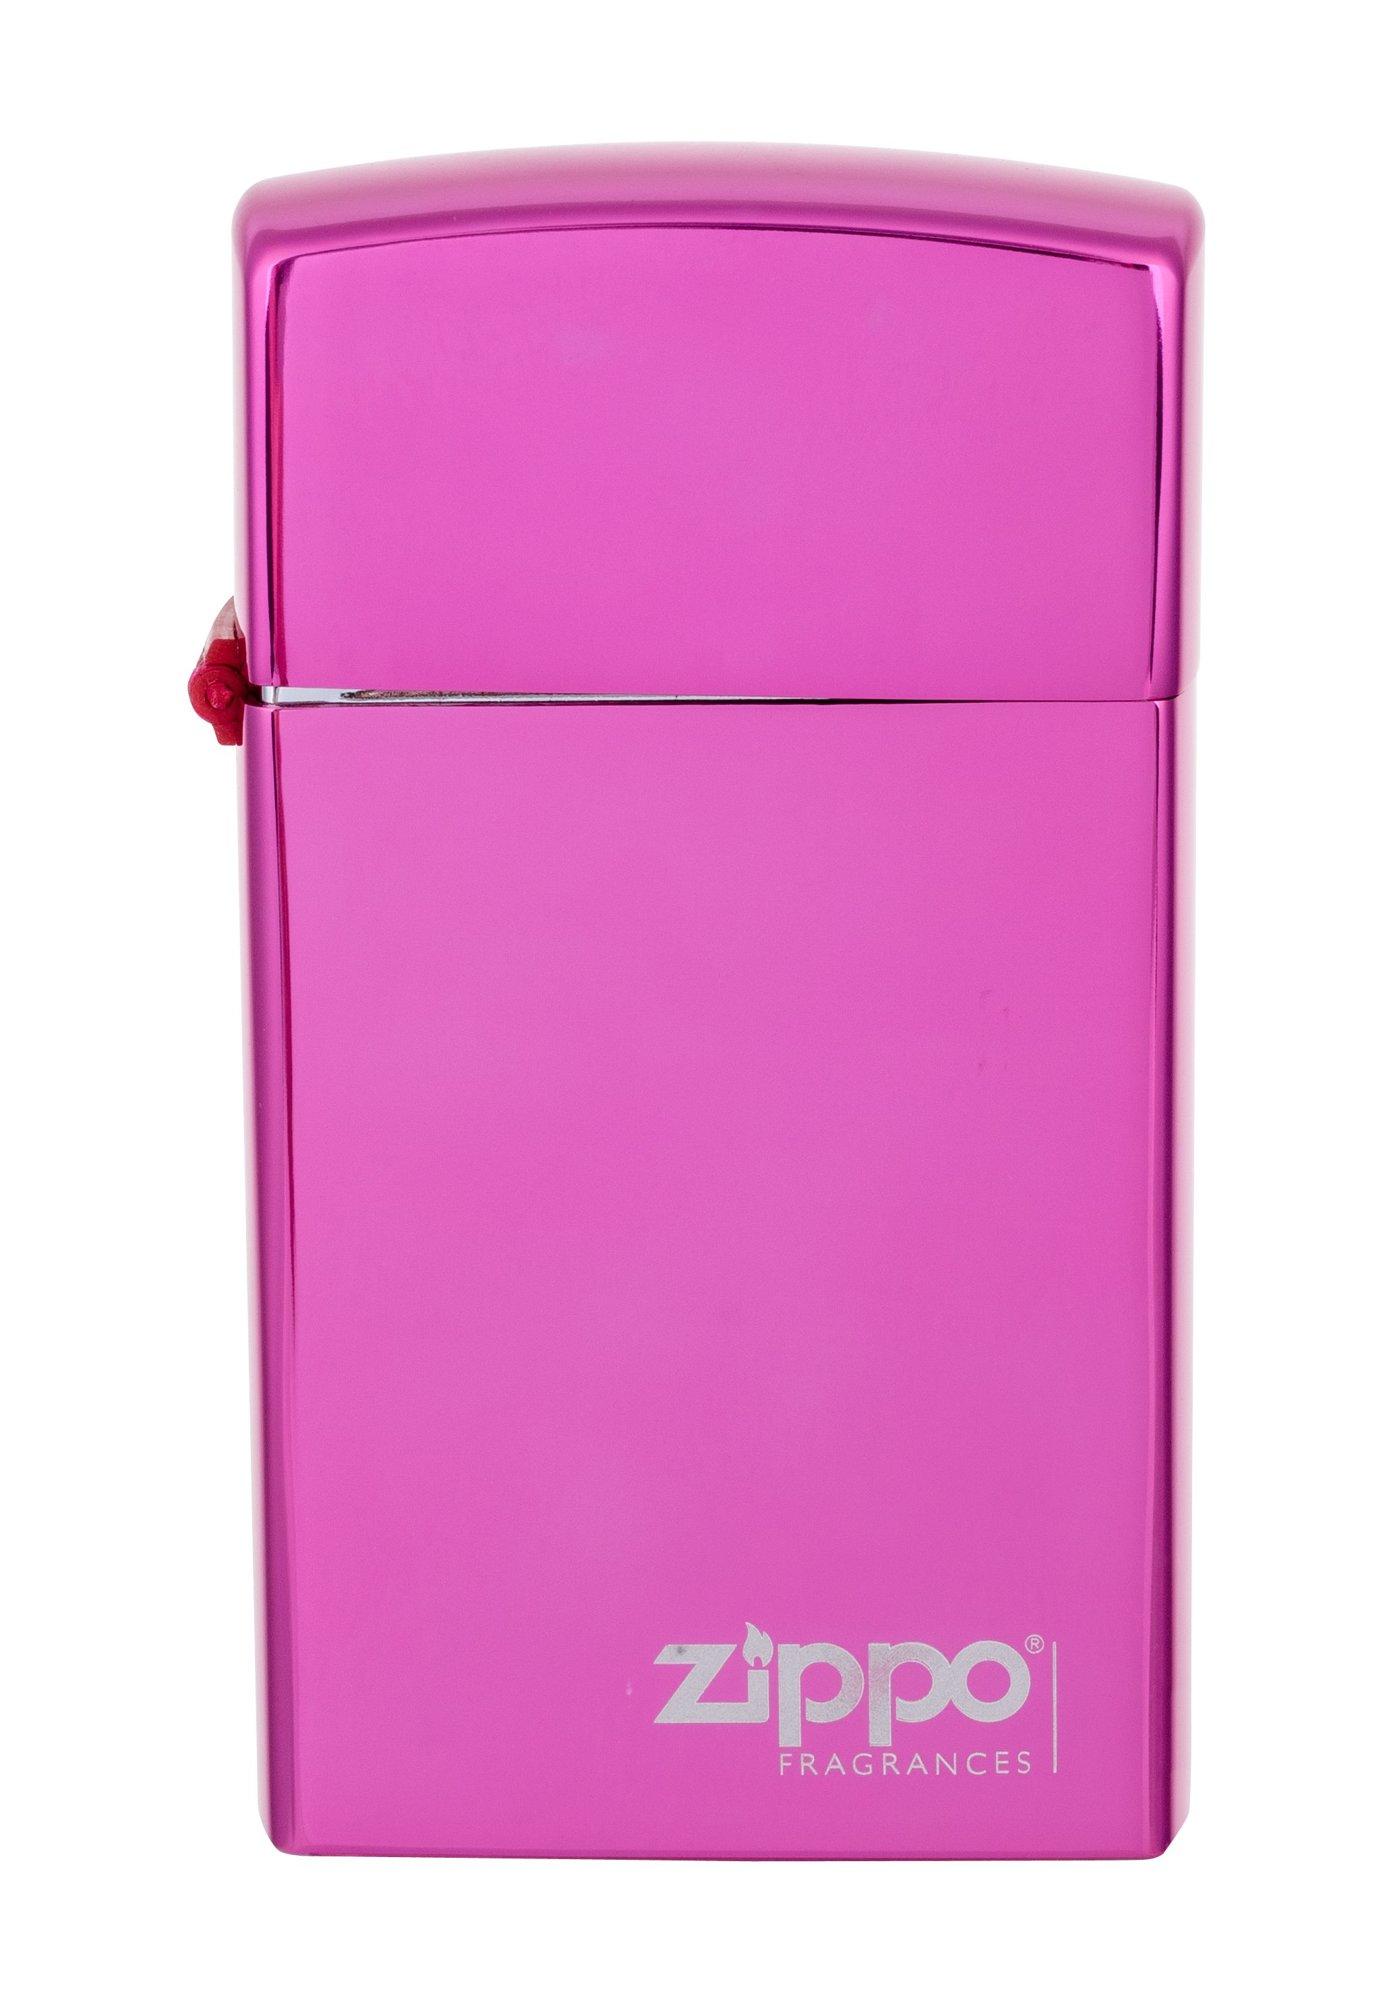 Zippo Fragrances The Original Pink